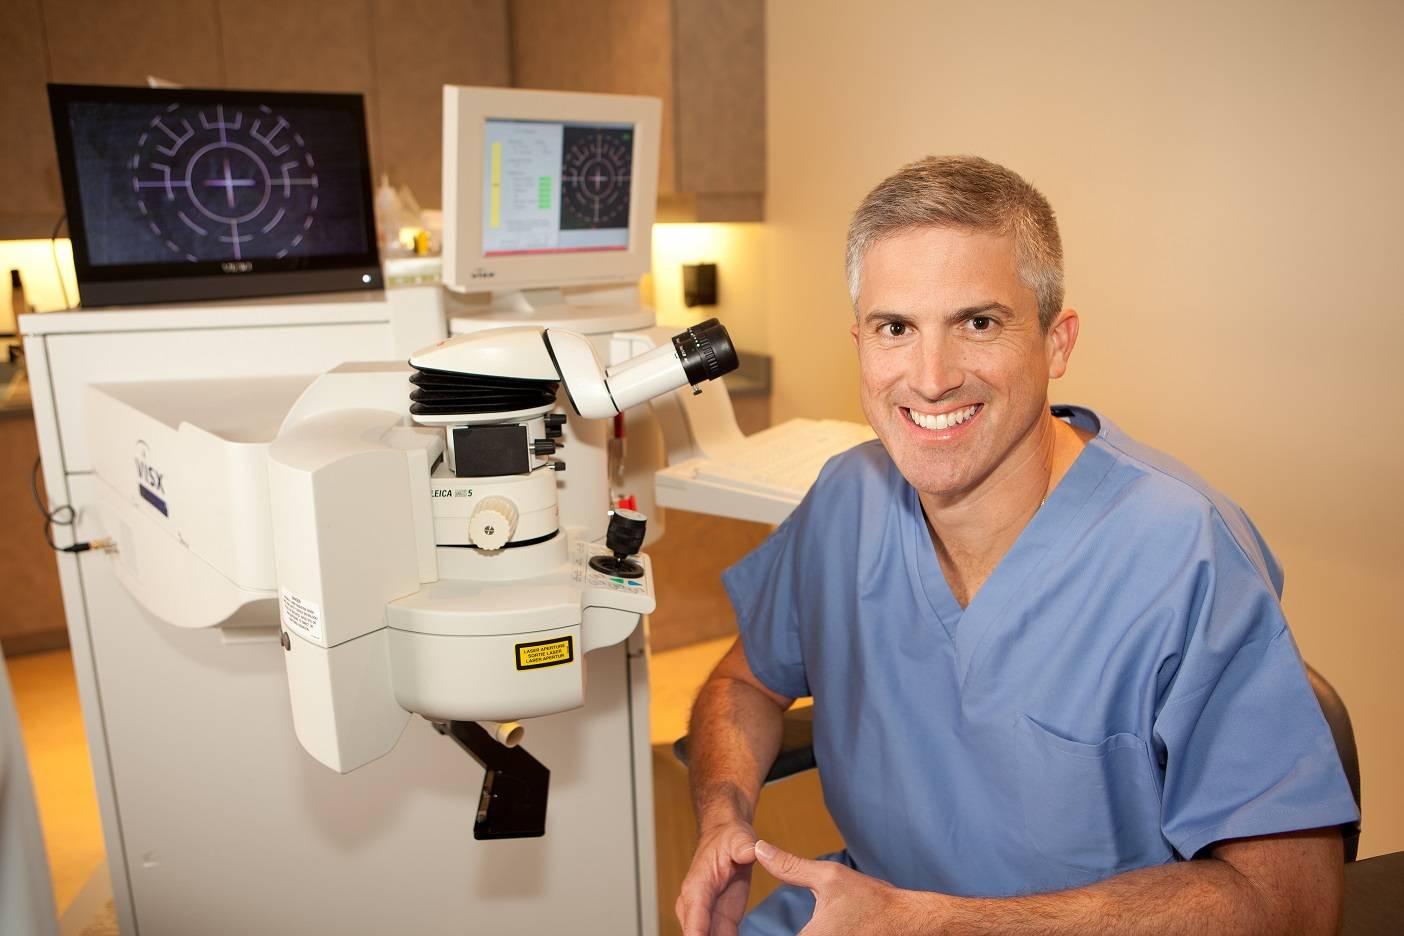 Dr Villazon with visx 2